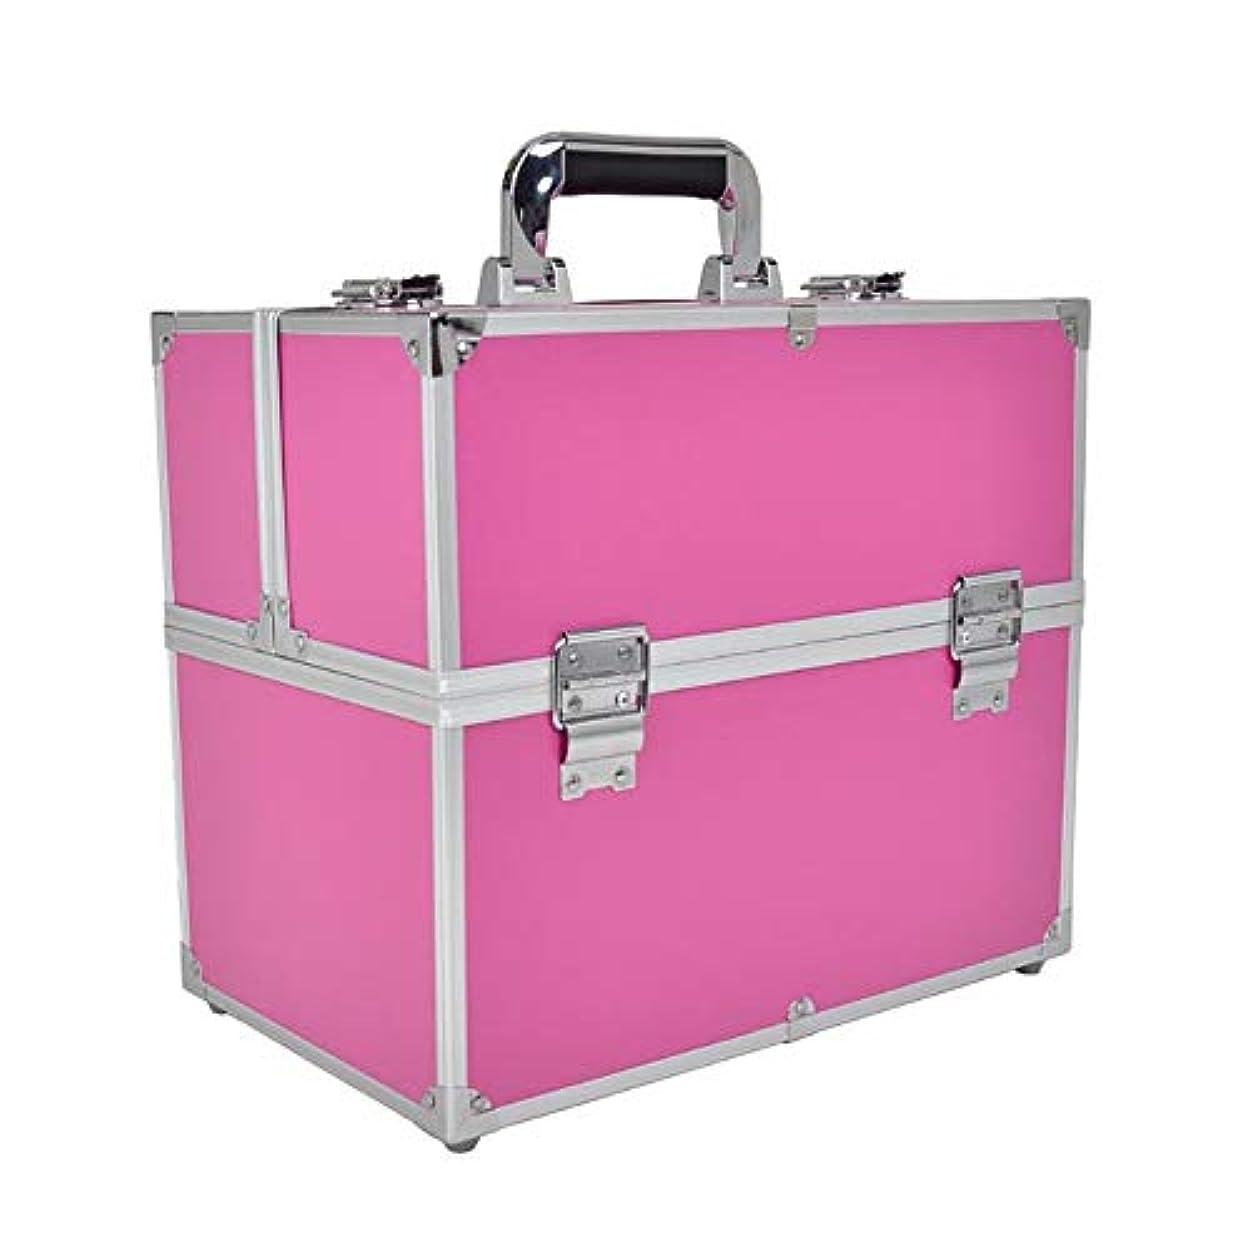 苦しめる熟読する毎年化粧オーガナイザーバッグ 6トレイの小さなものの種類のための旅行のための美容メイクアップのための大容量大容量化粧品ケース 化粧品ケース